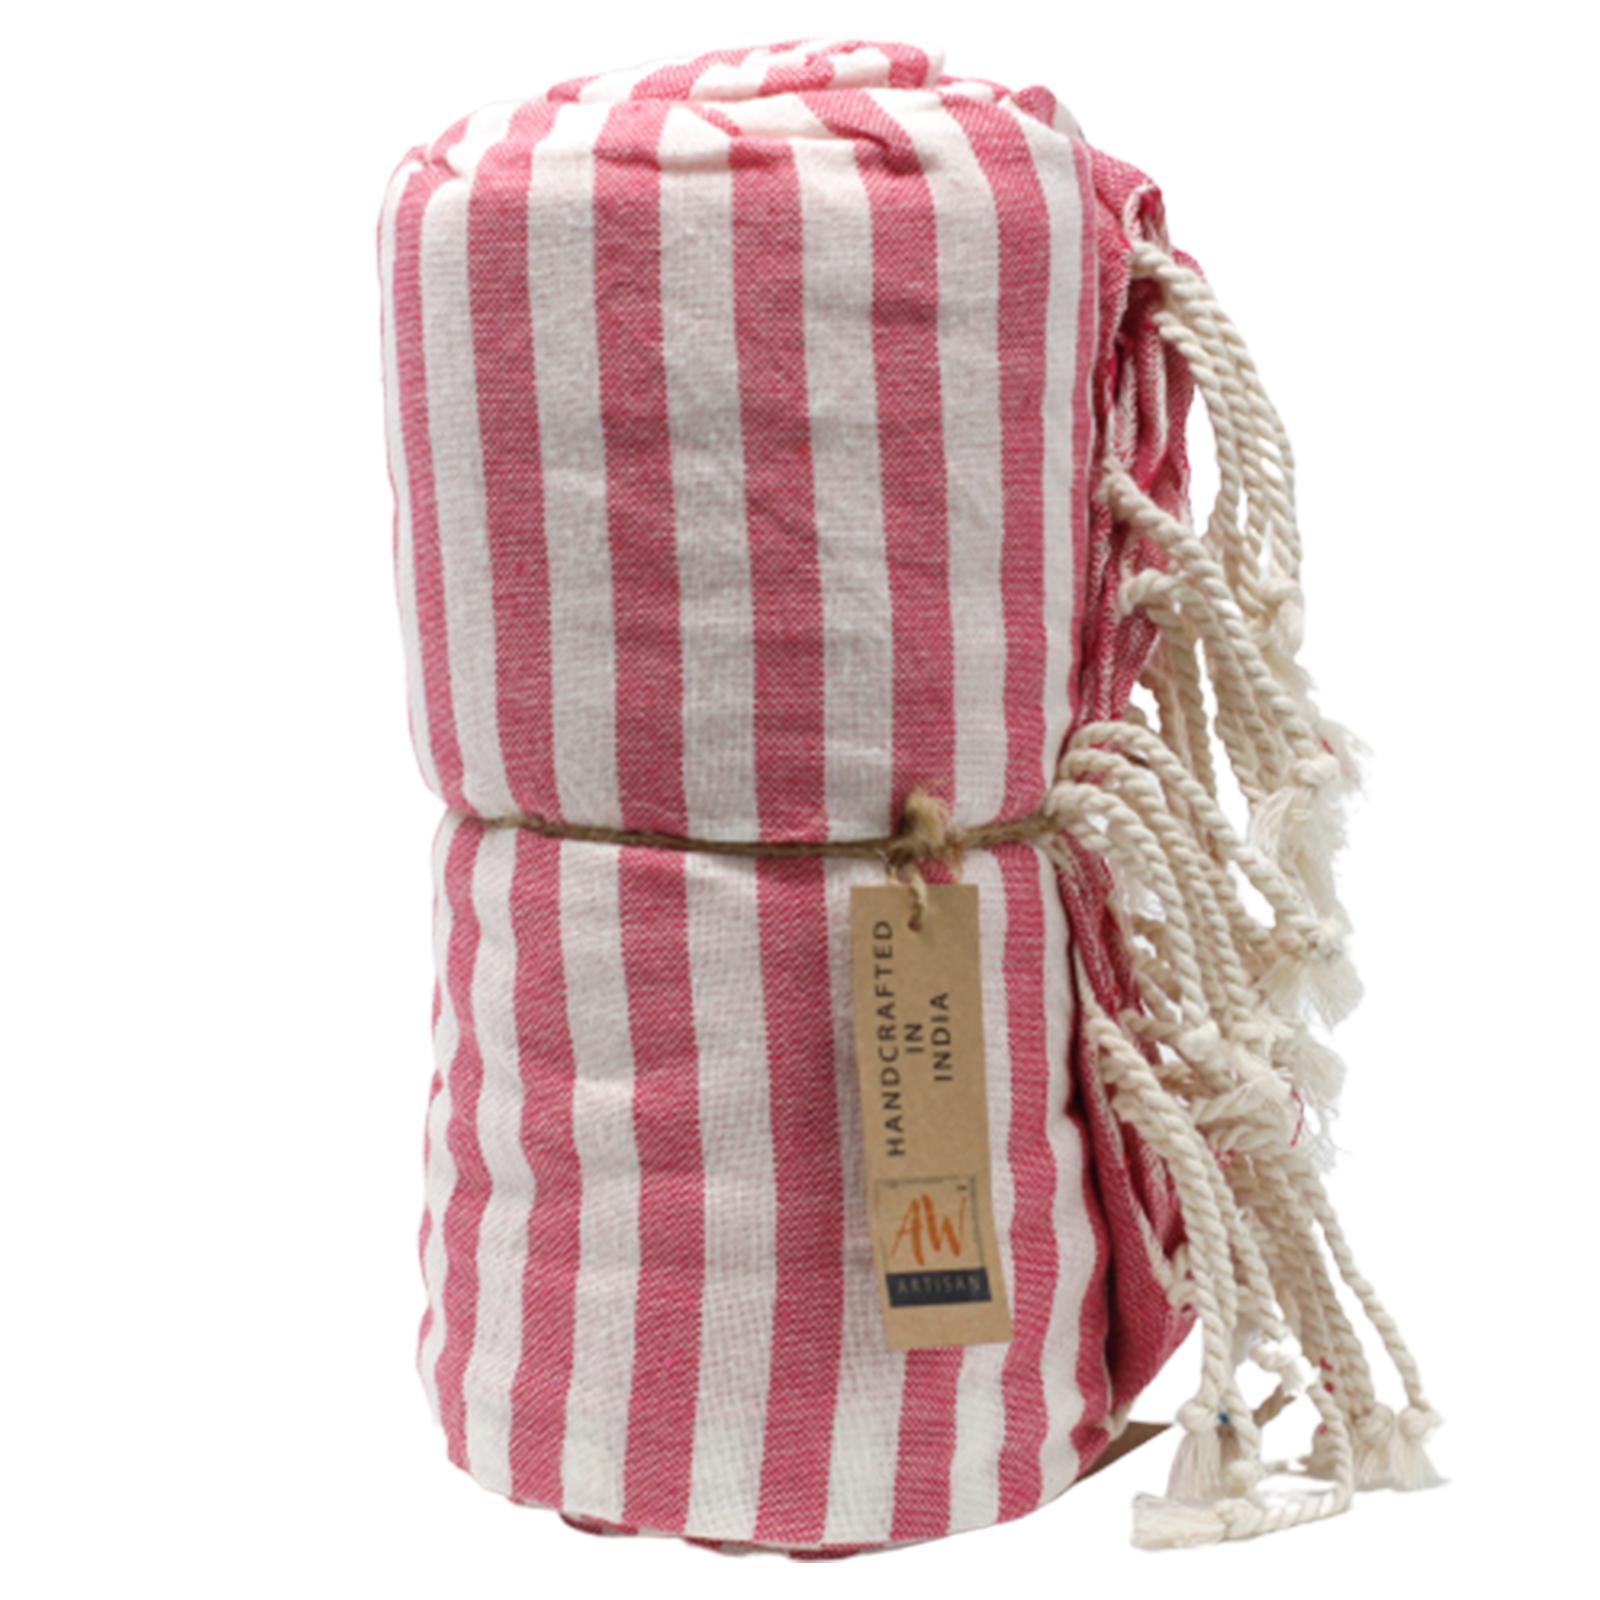 Cotton Pario Towel 100x180 cm Hot Pink